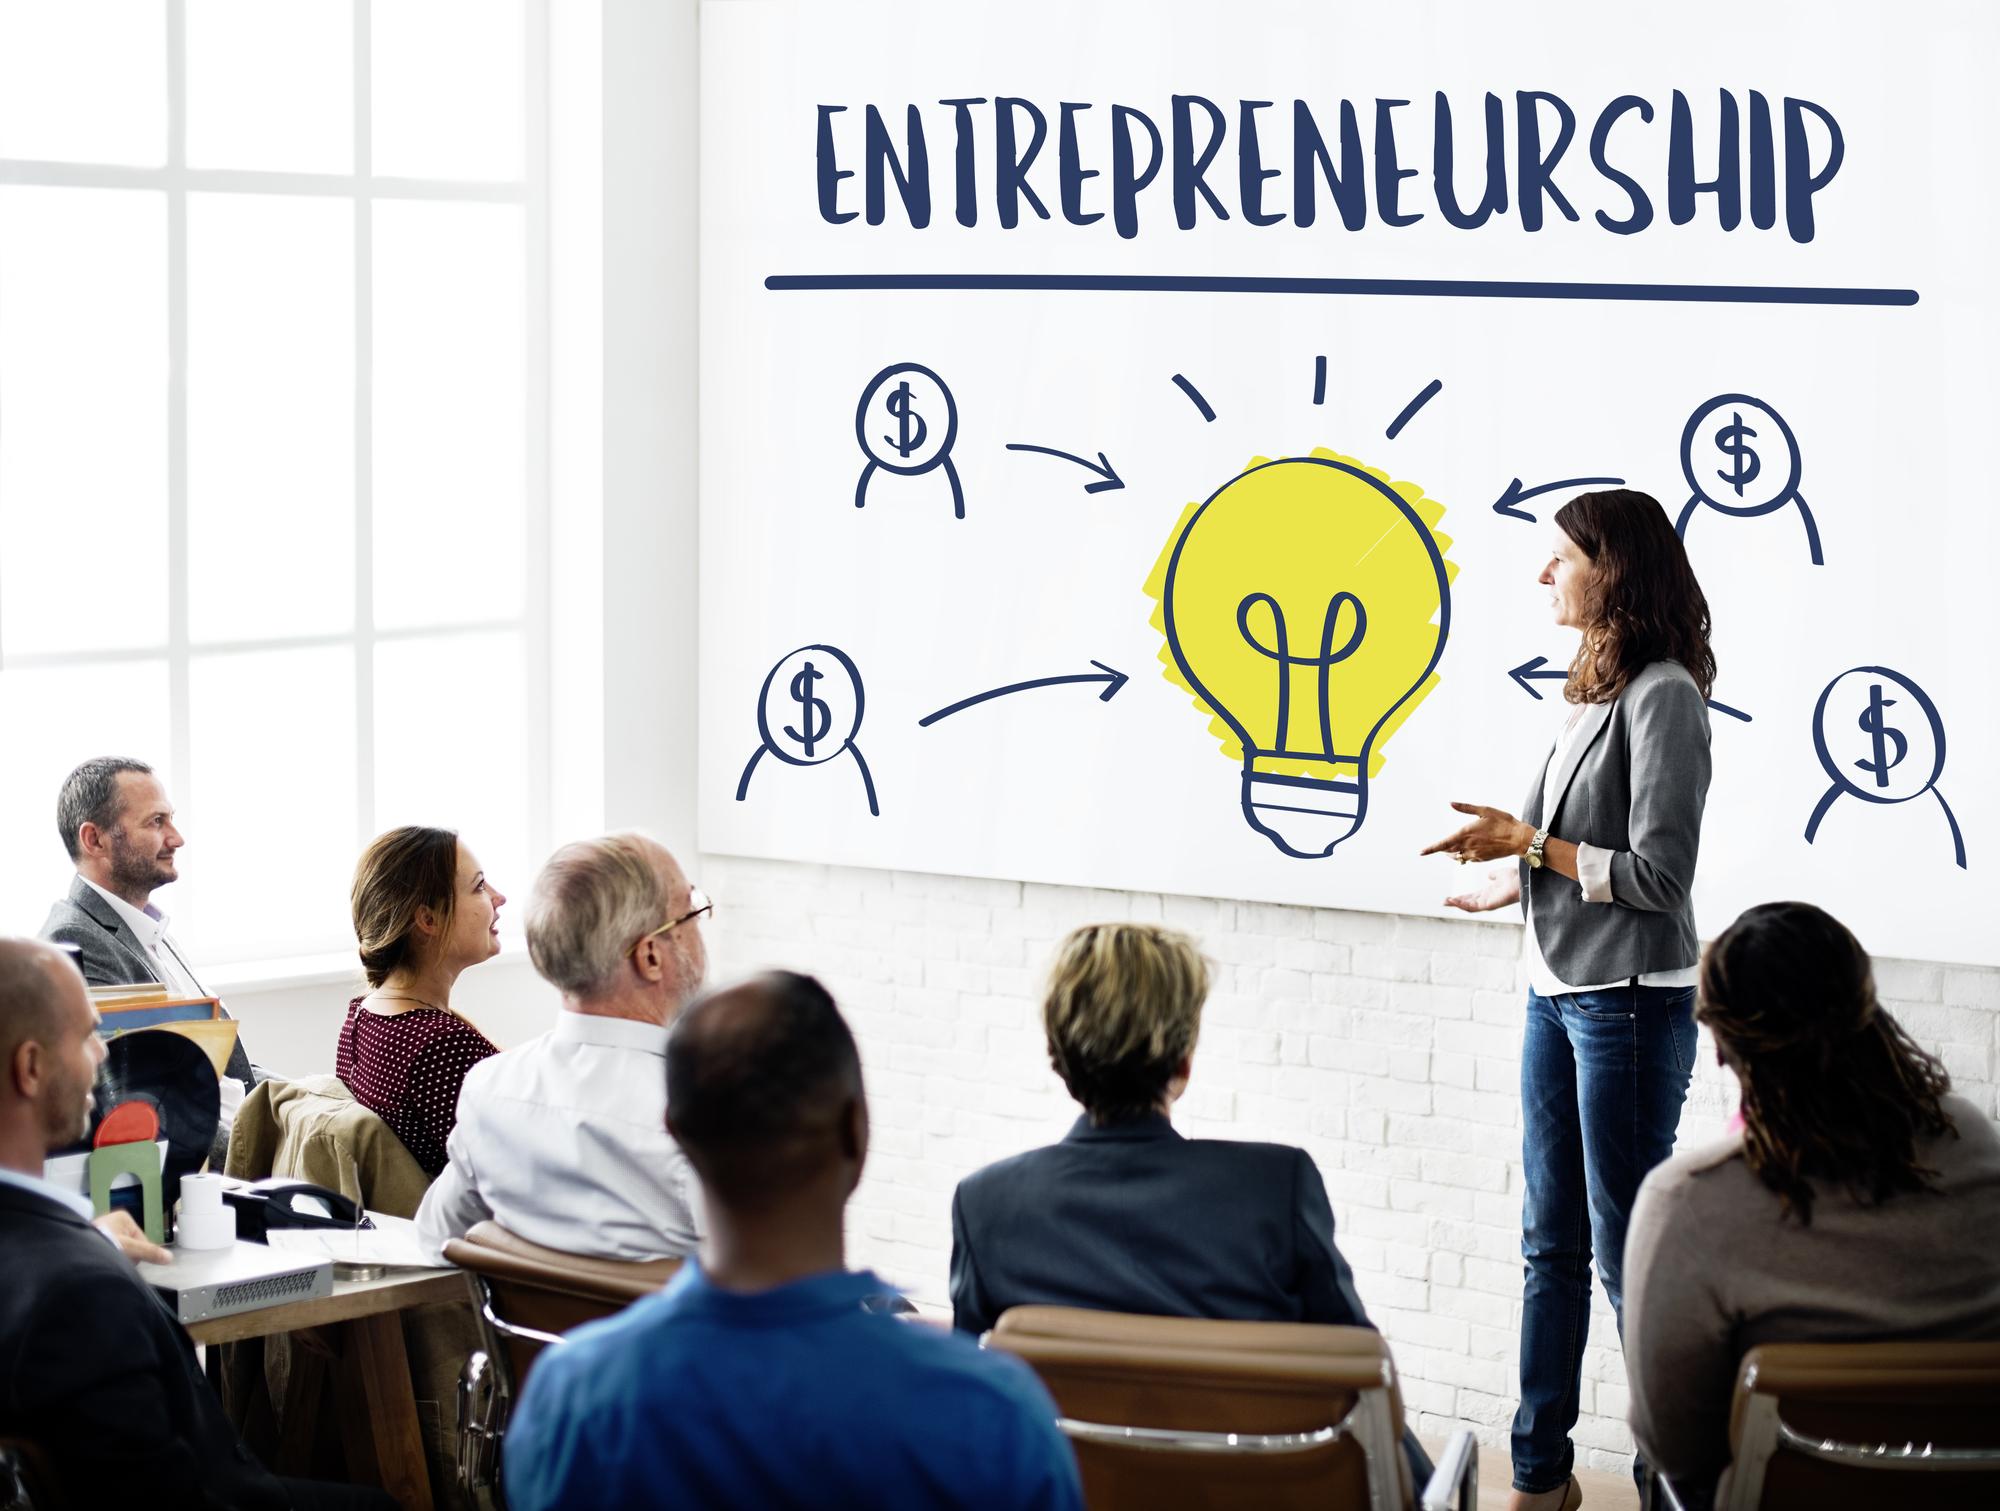 起業後のリスクとその回避方法とは?僕の実体験から解説してみた!